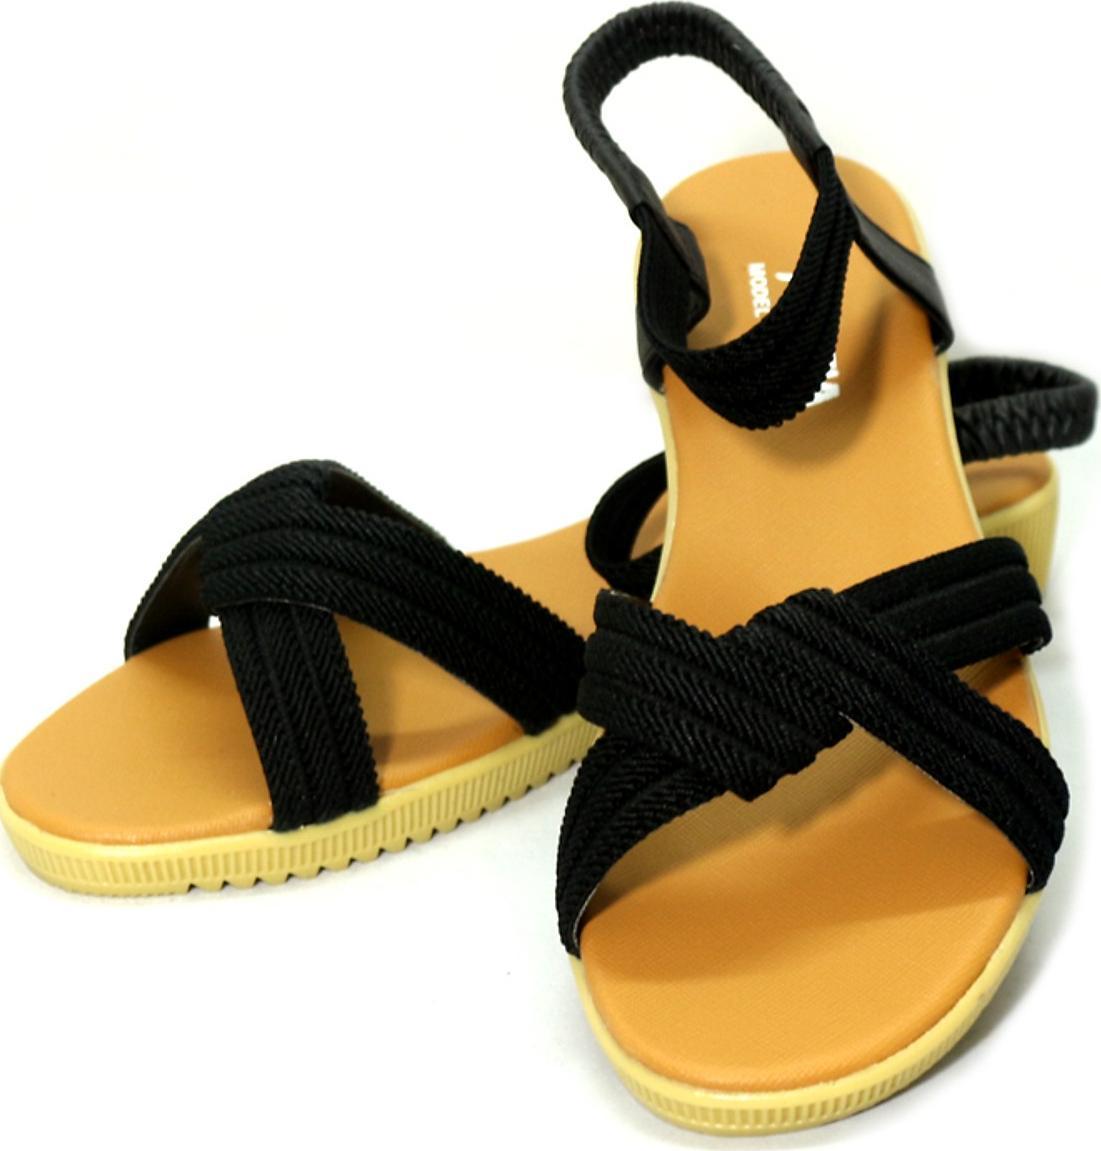 Giày sandal nữ phong cách quai chéo